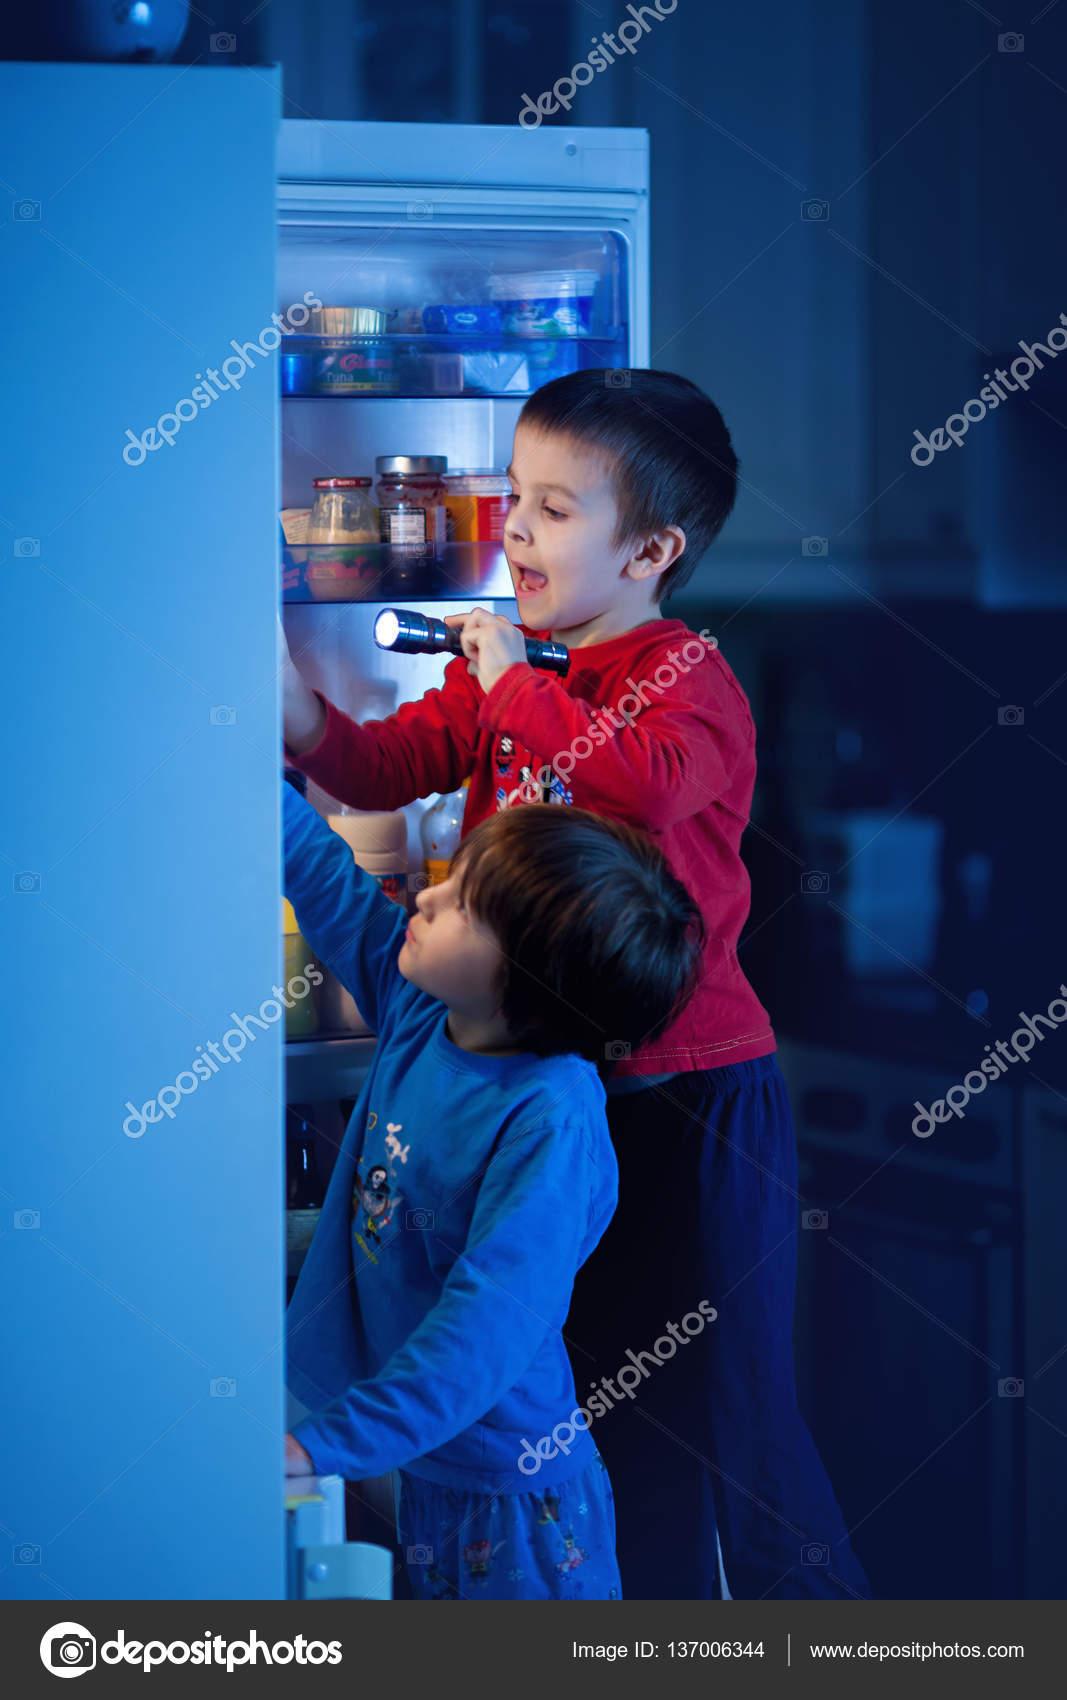 zwei kleine jungs heimlich essen s igkeiten aus dem k hlschrank in der nacht stockfoto t. Black Bedroom Furniture Sets. Home Design Ideas